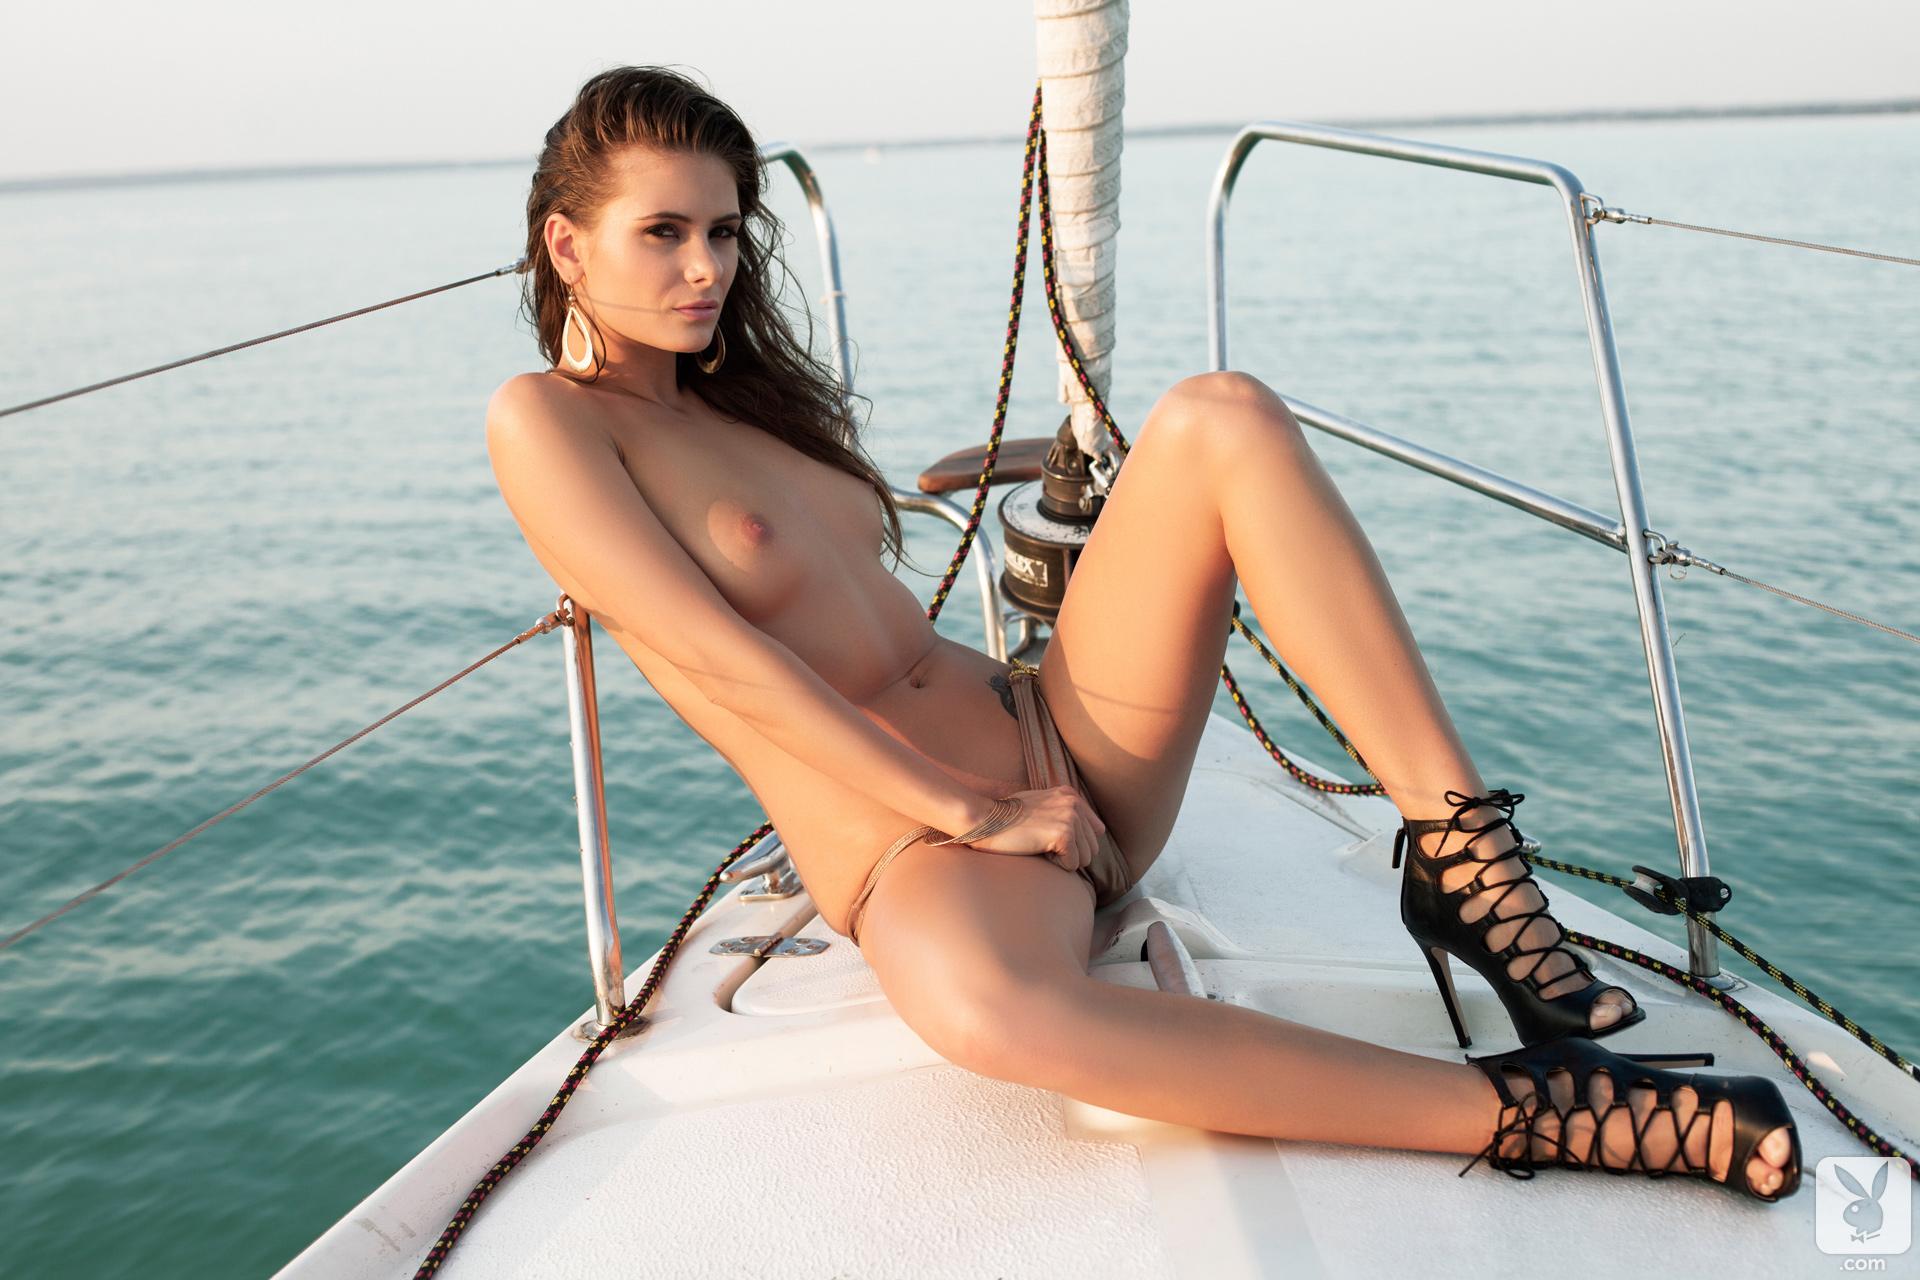 cosmo-bikini-yacht-naked-playboy-15